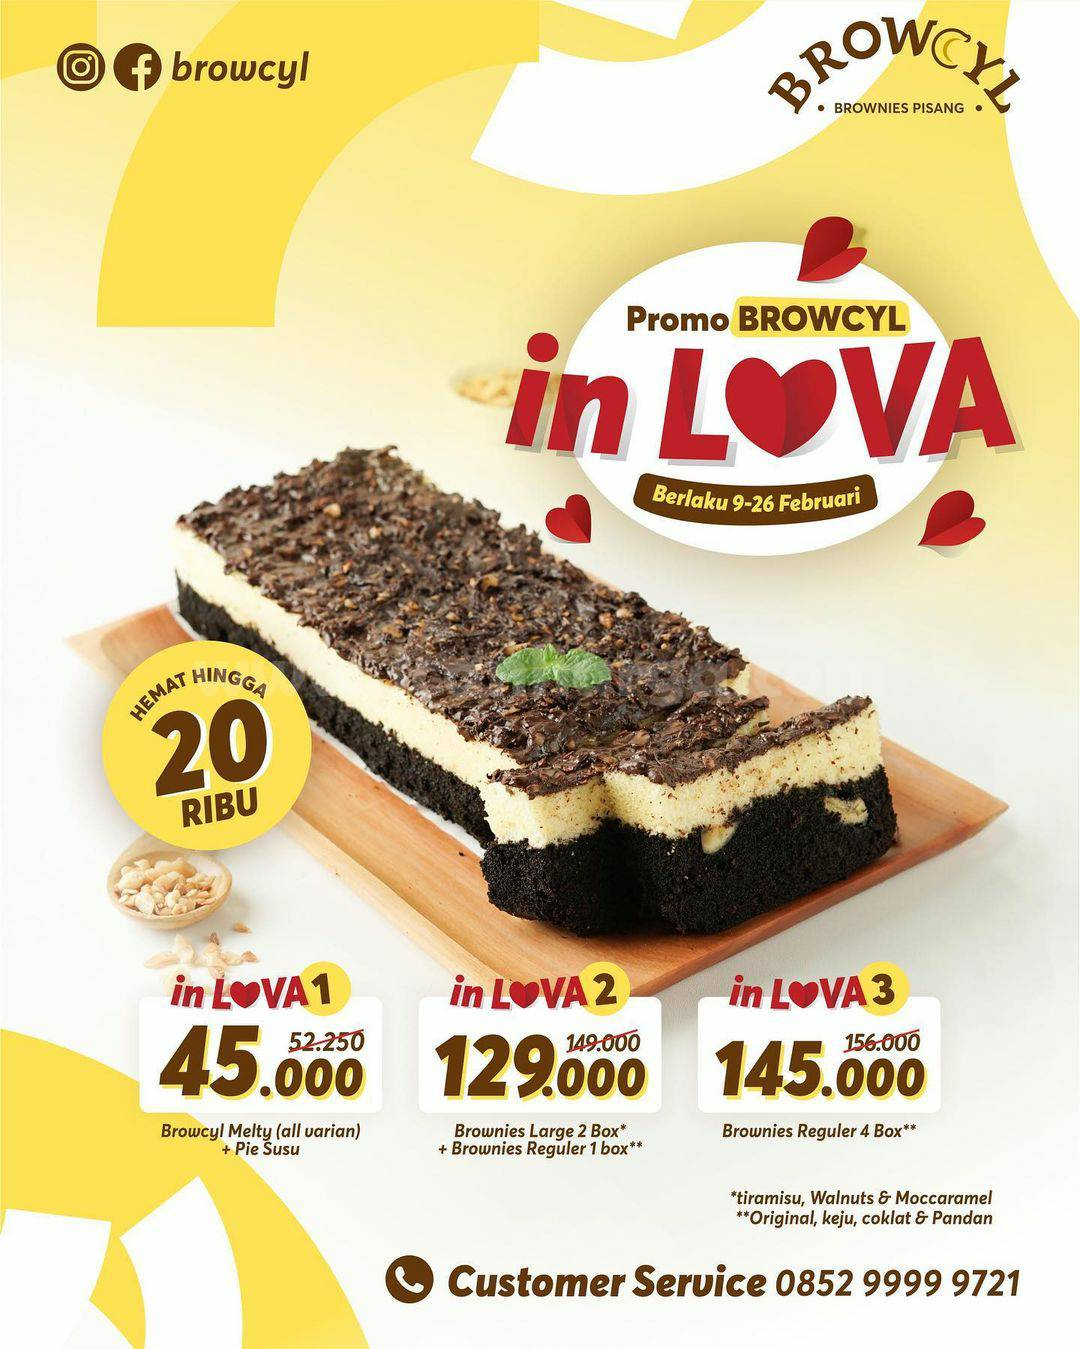 Promo BROWCYL Terbaru! harga Spesial Paket In-Lova hemat hingga 20Rb